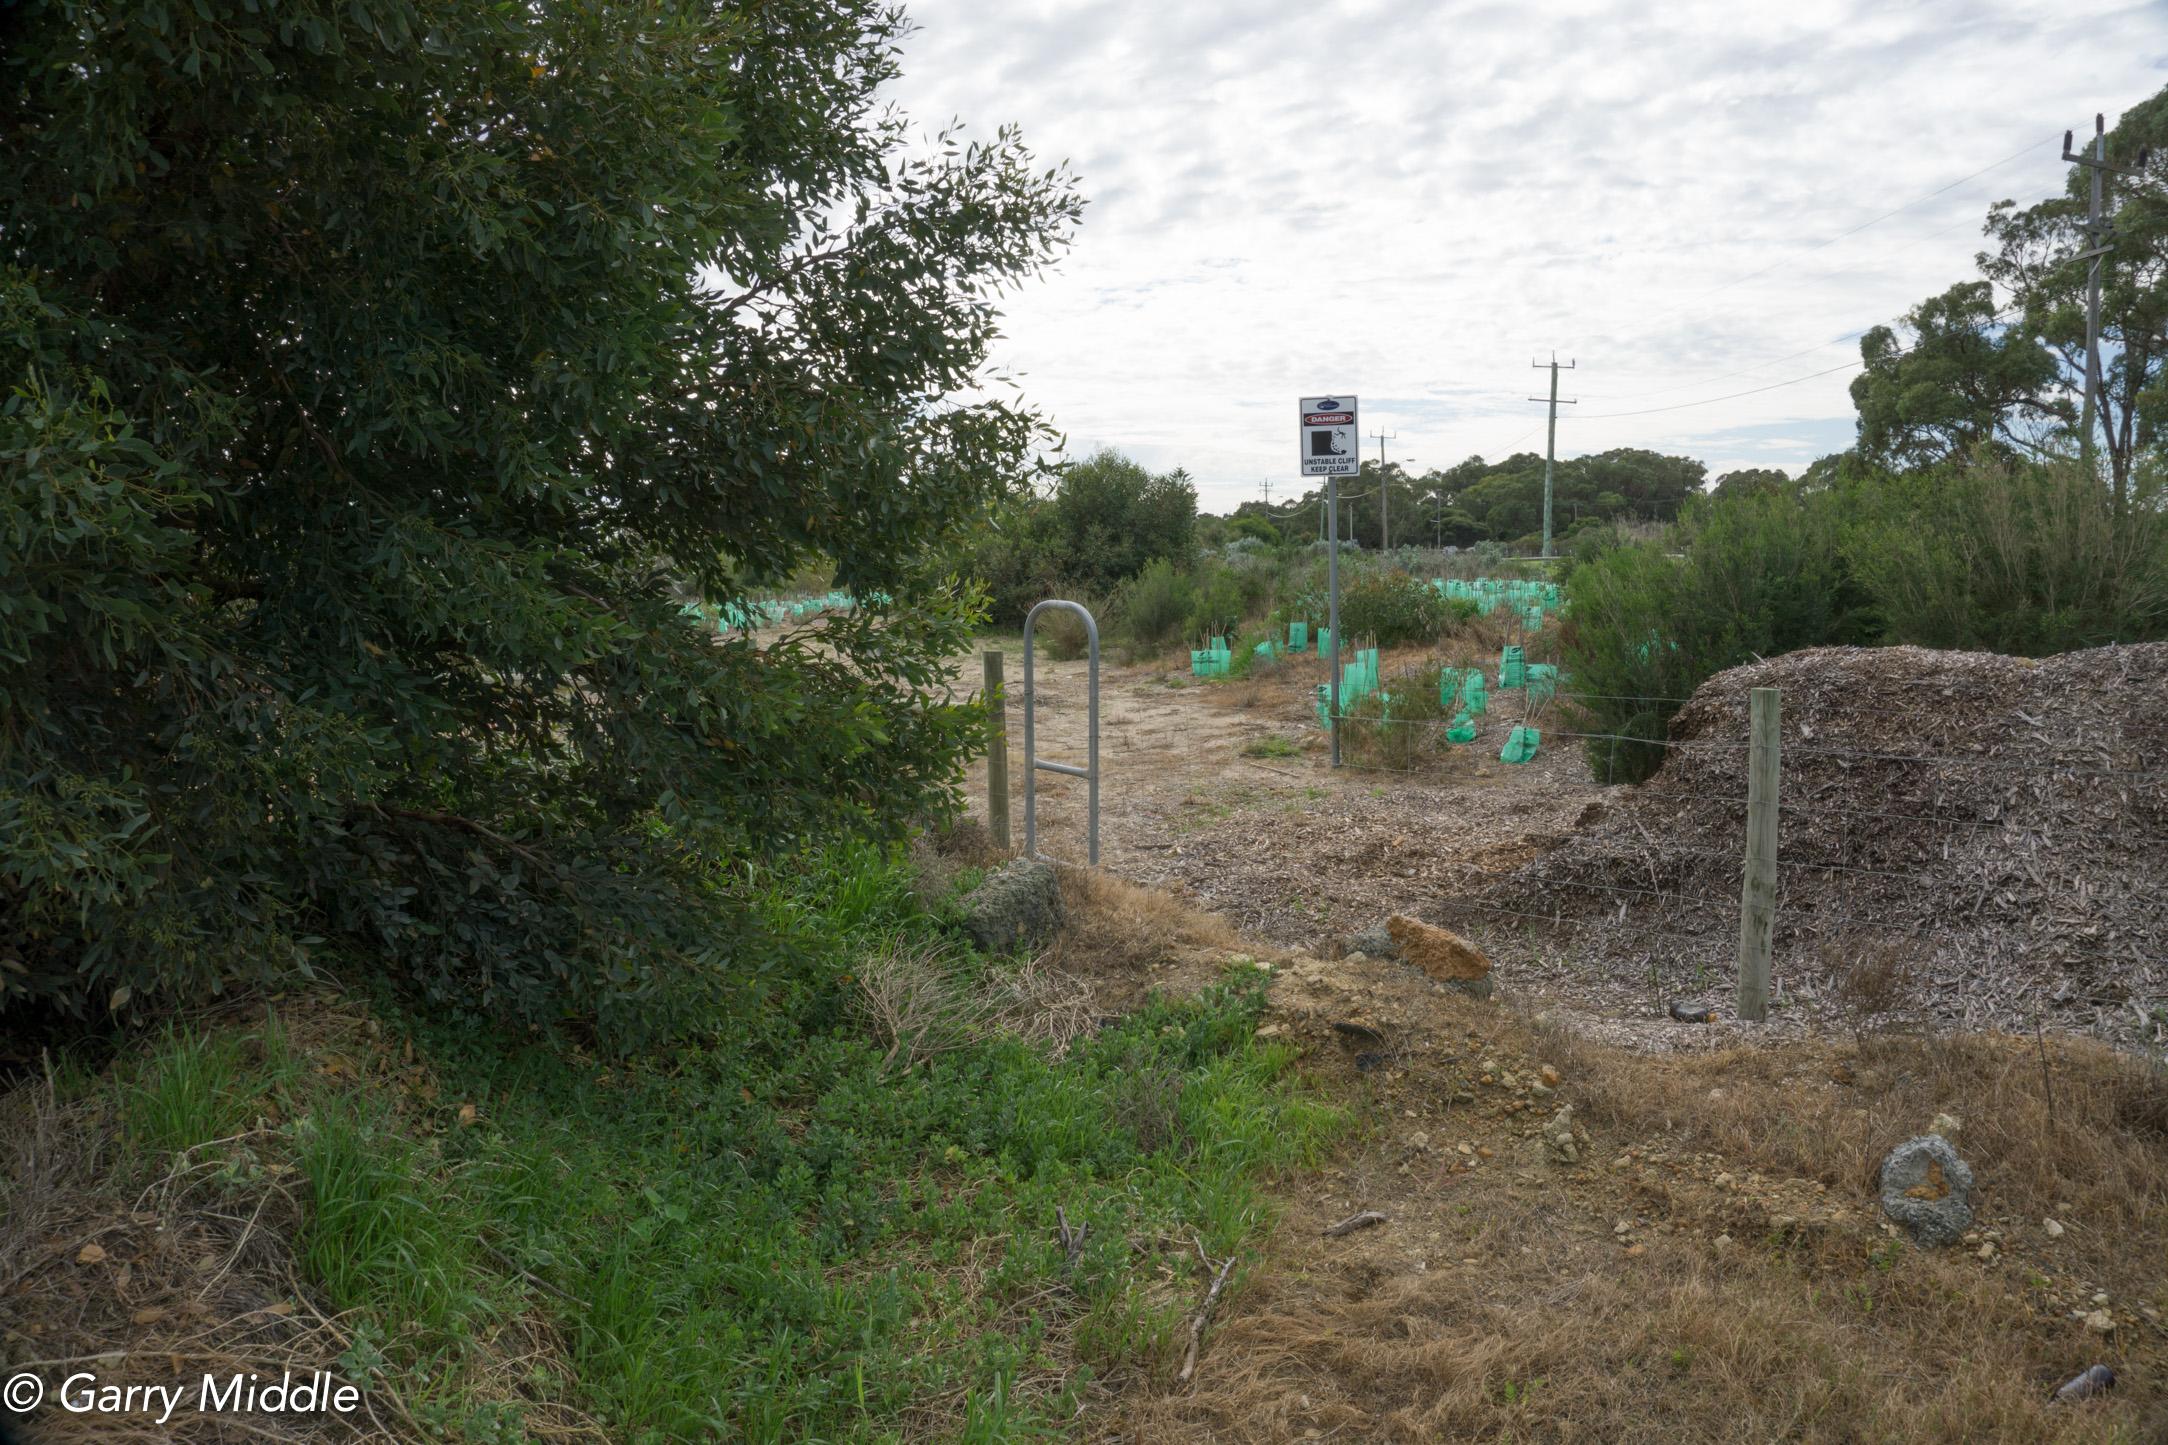 Plate 21: Access gate